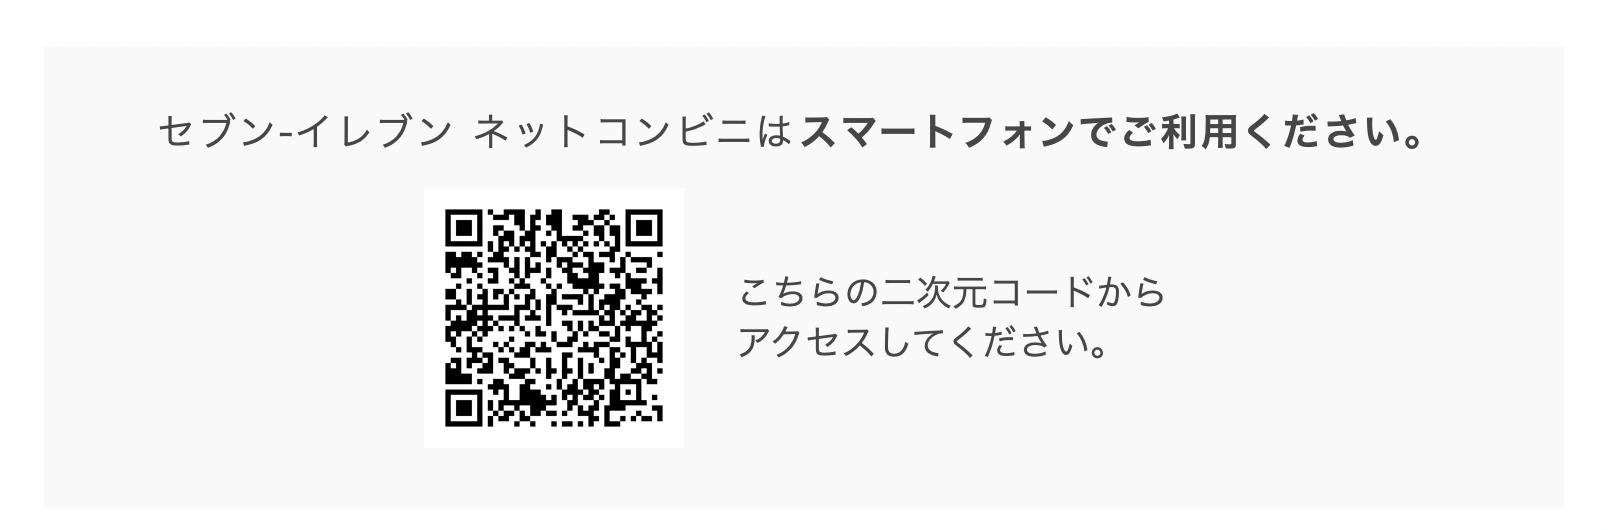 セブンイレブンネットコンビニ公式のQRコード